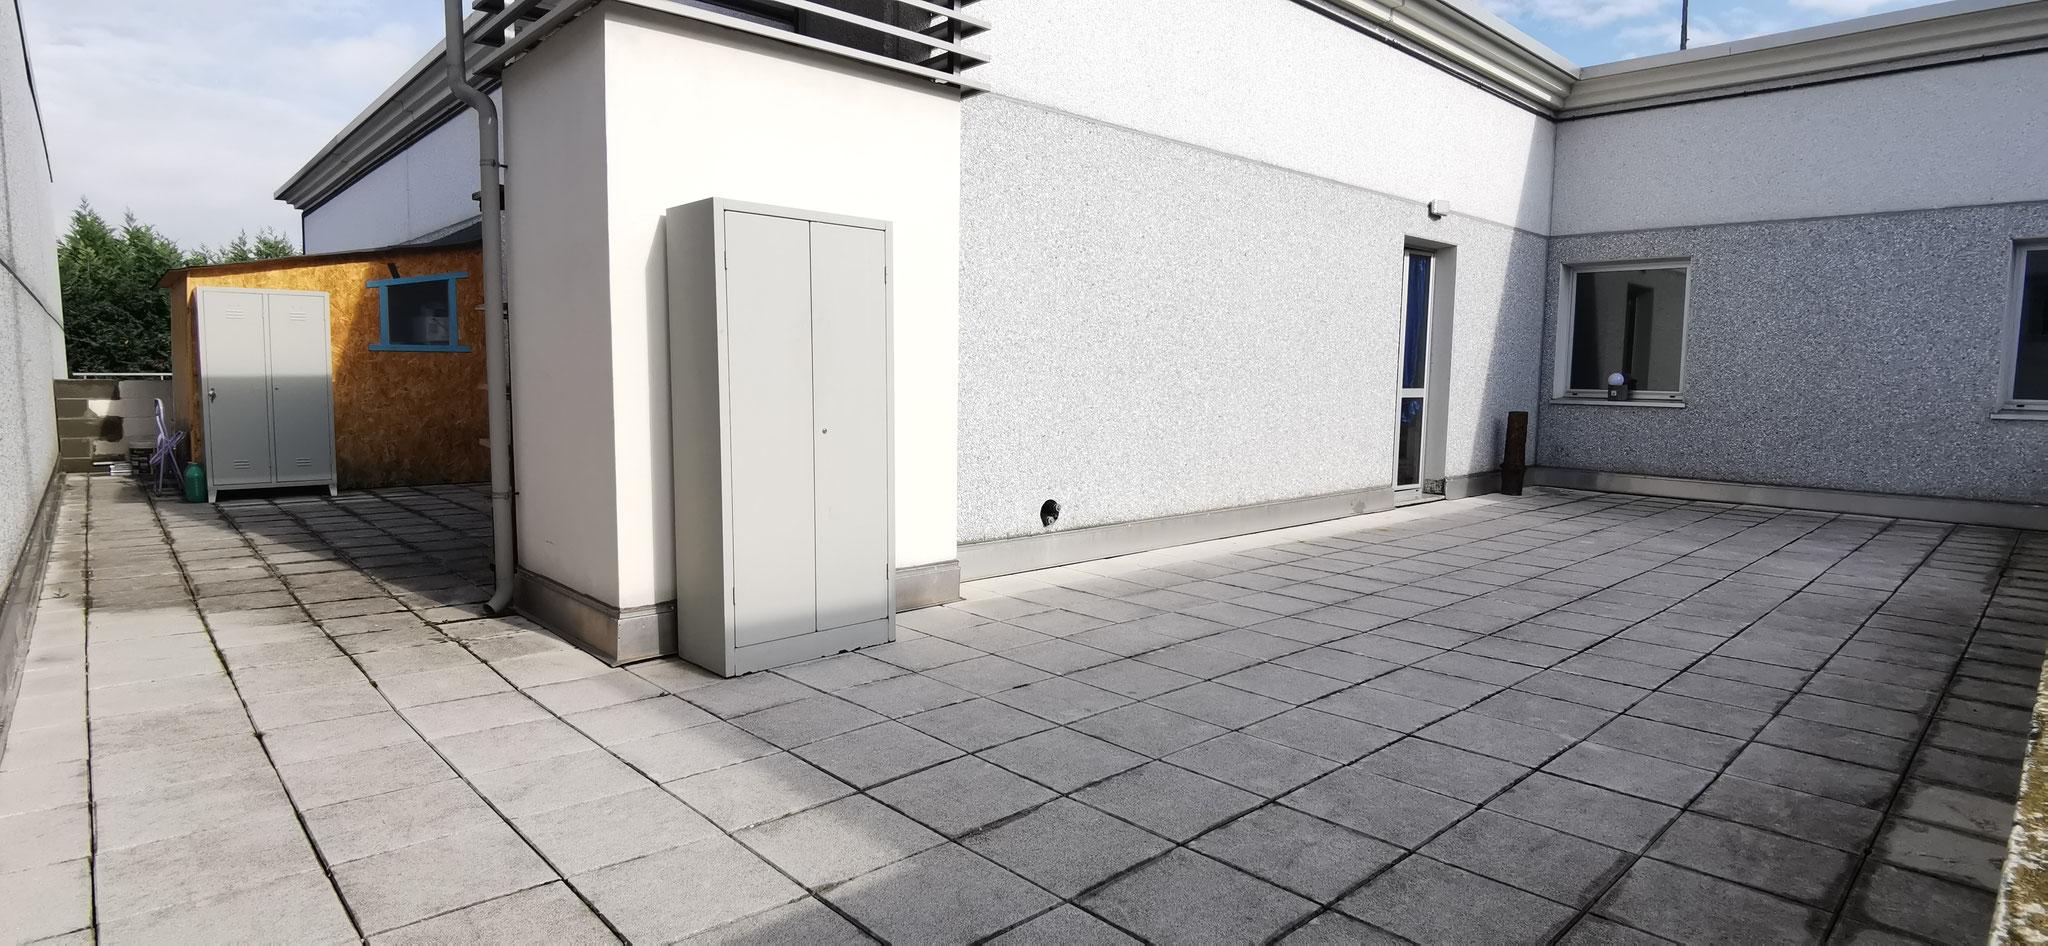 Entrambe le terrazze